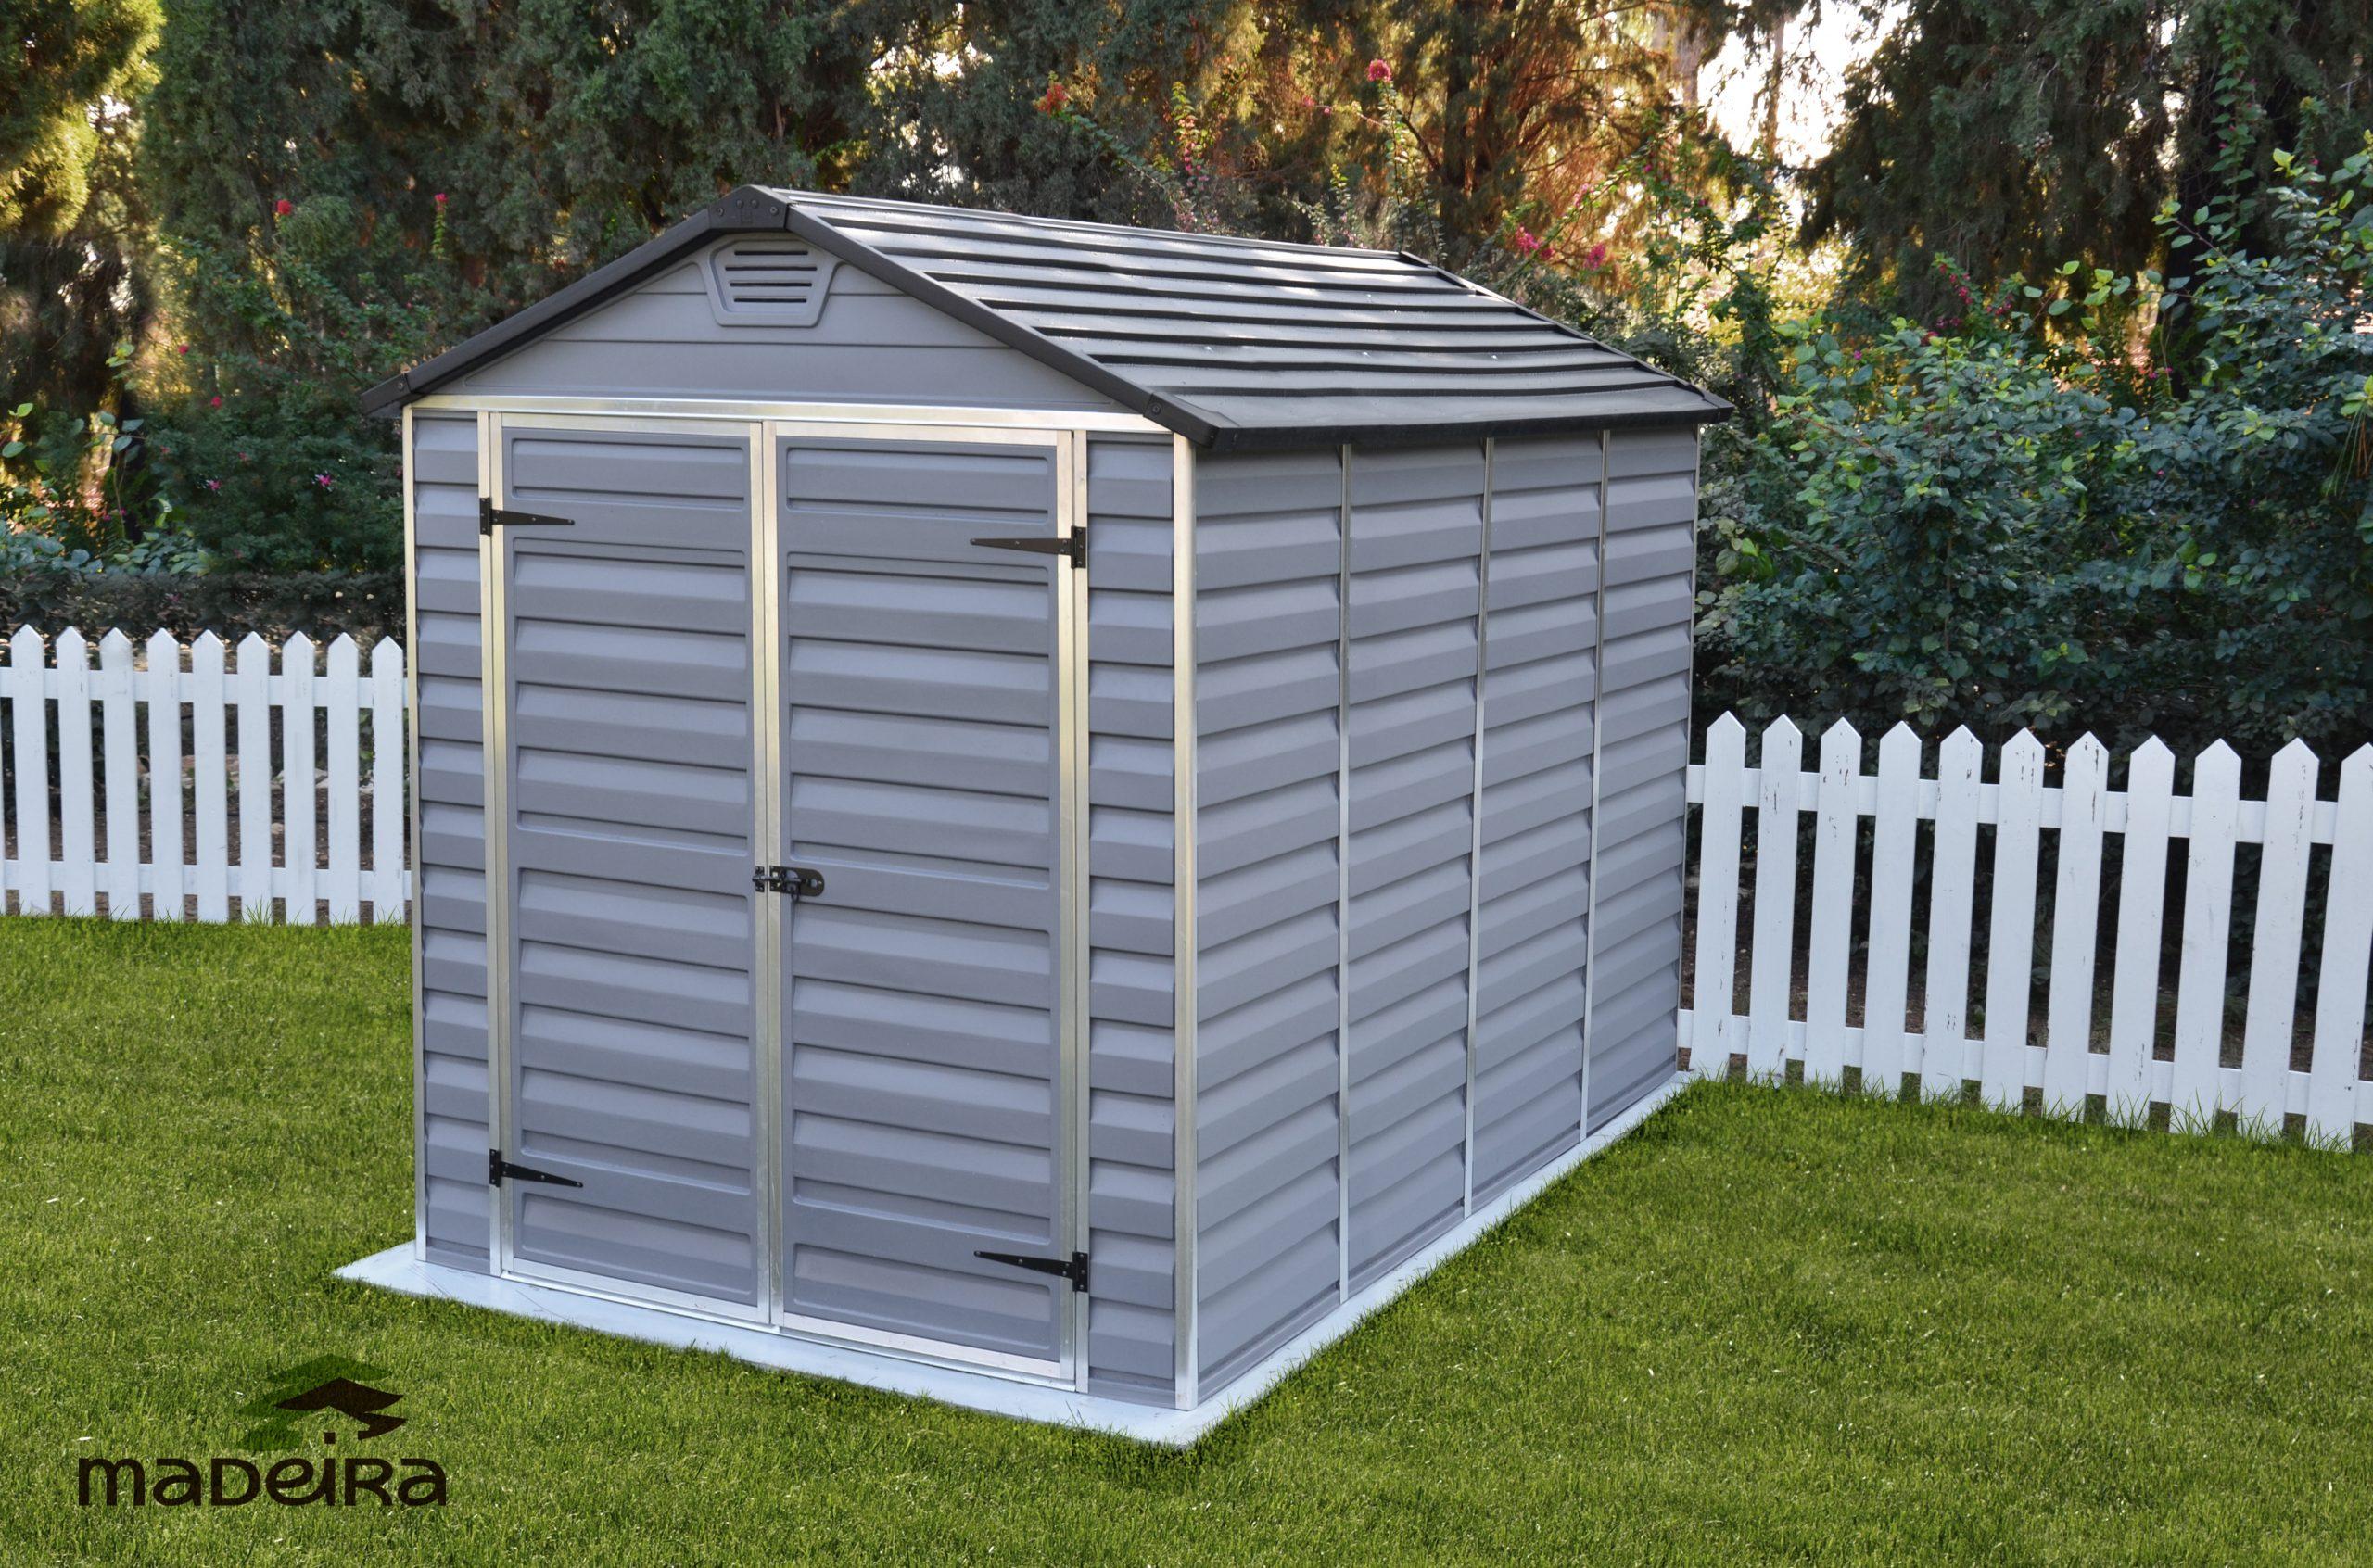 Abri Andy En Résine (Polycarbonate) Avec Plancher, 5.90M² ... dedans Abri De Jardin Avec Plancher